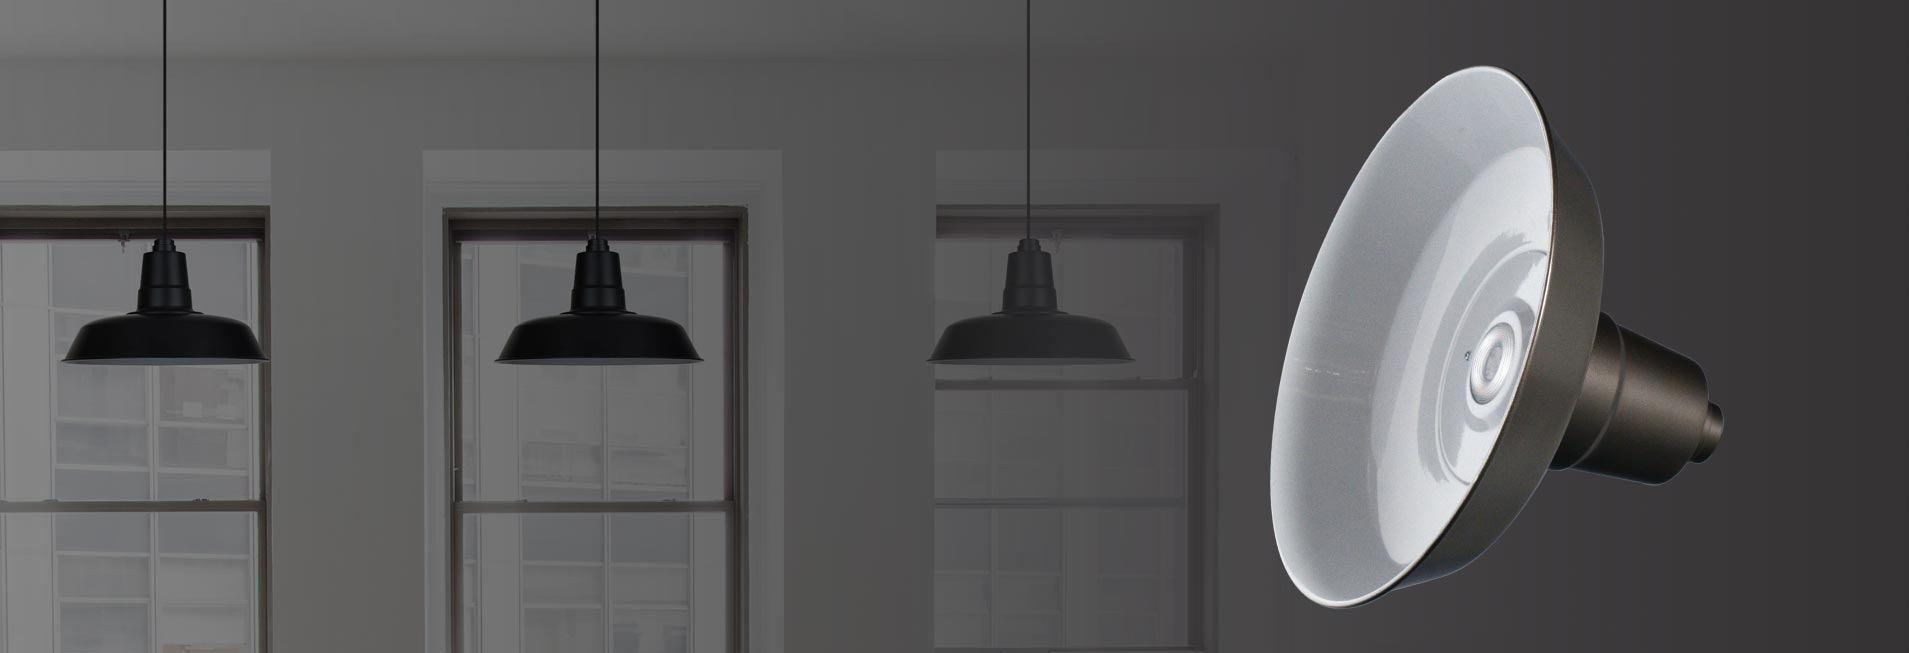 Oldage LED Pendant Light